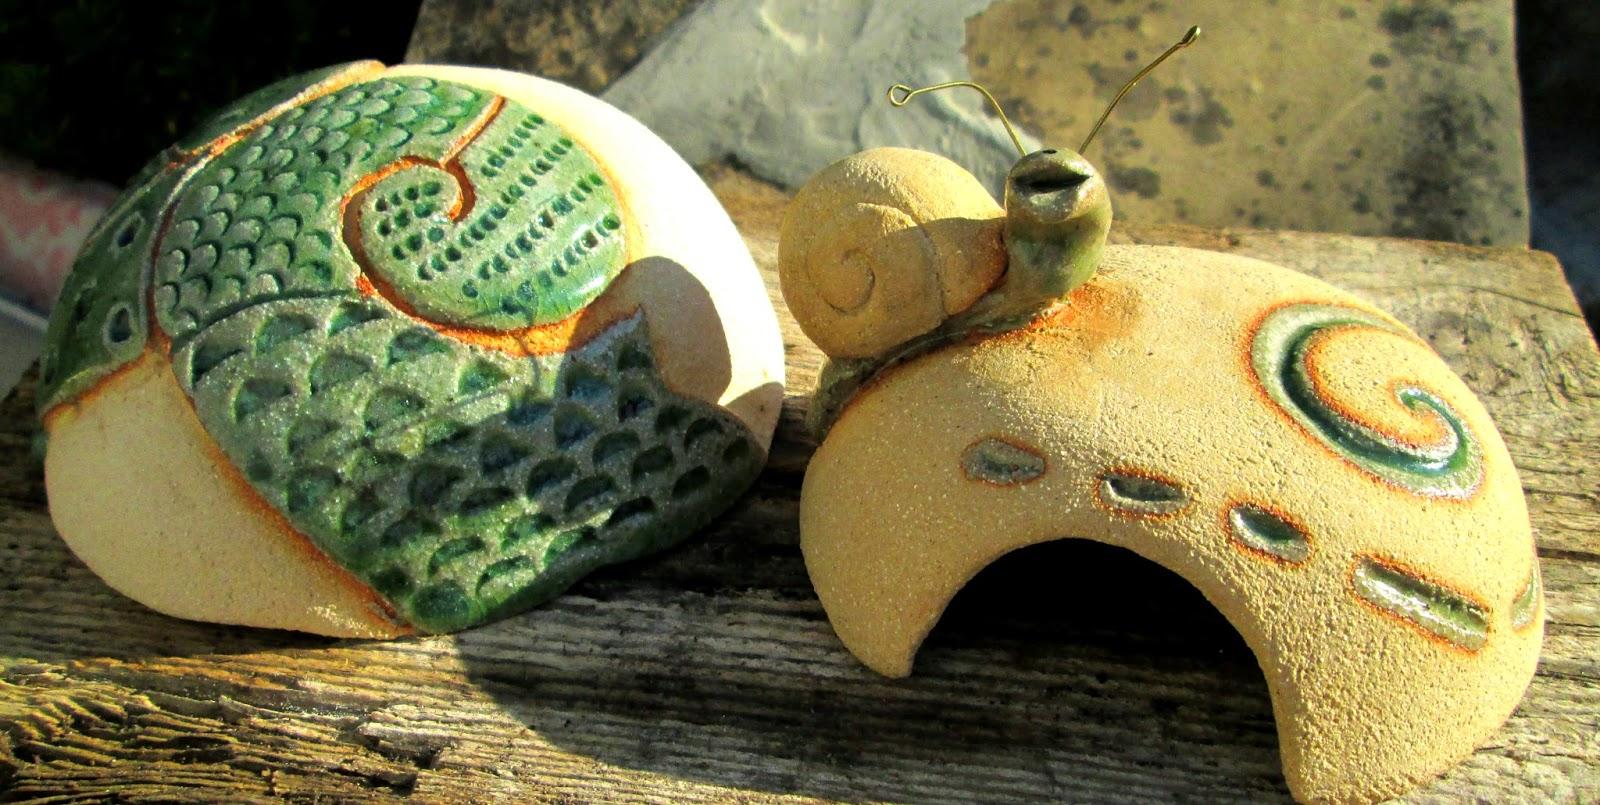 como acabar con los caracoles y las babosas de forma ecológica, tramaps para caracoles, eliminar caracoles